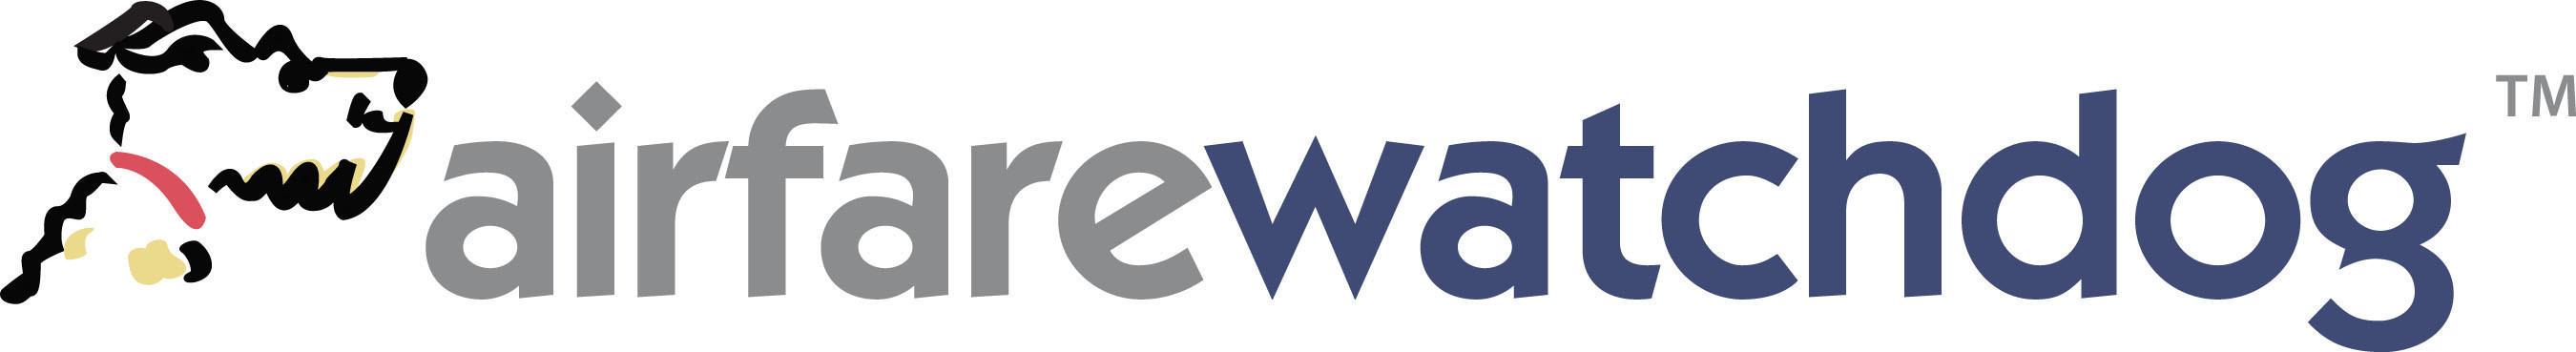 Airfarewatchdog (PRNewsFoto/Airfarewatchdog)